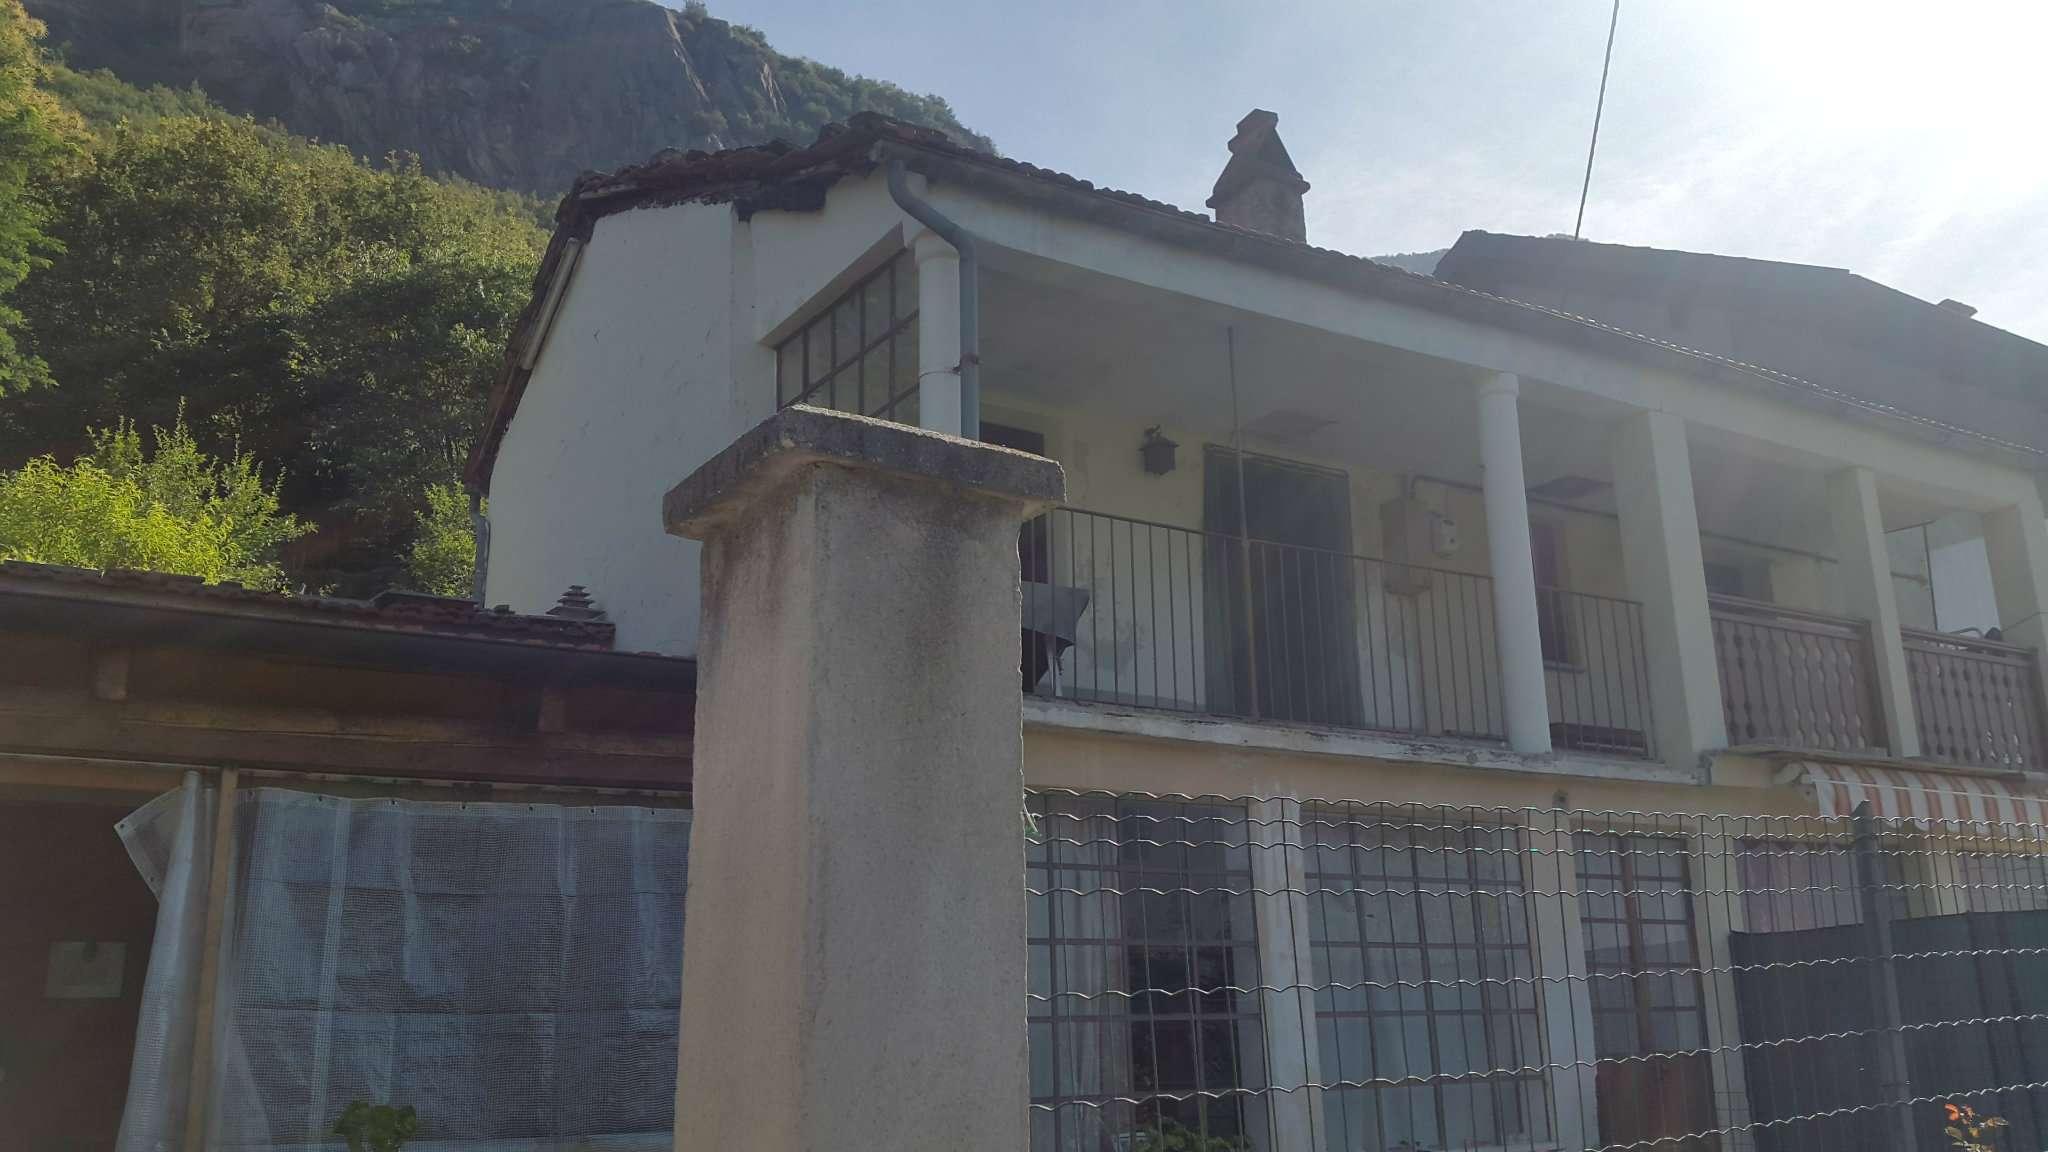 Soluzione Semindipendente in vendita a Borgone Susa, 3 locali, prezzo € 100.000 | Cambio Casa.it